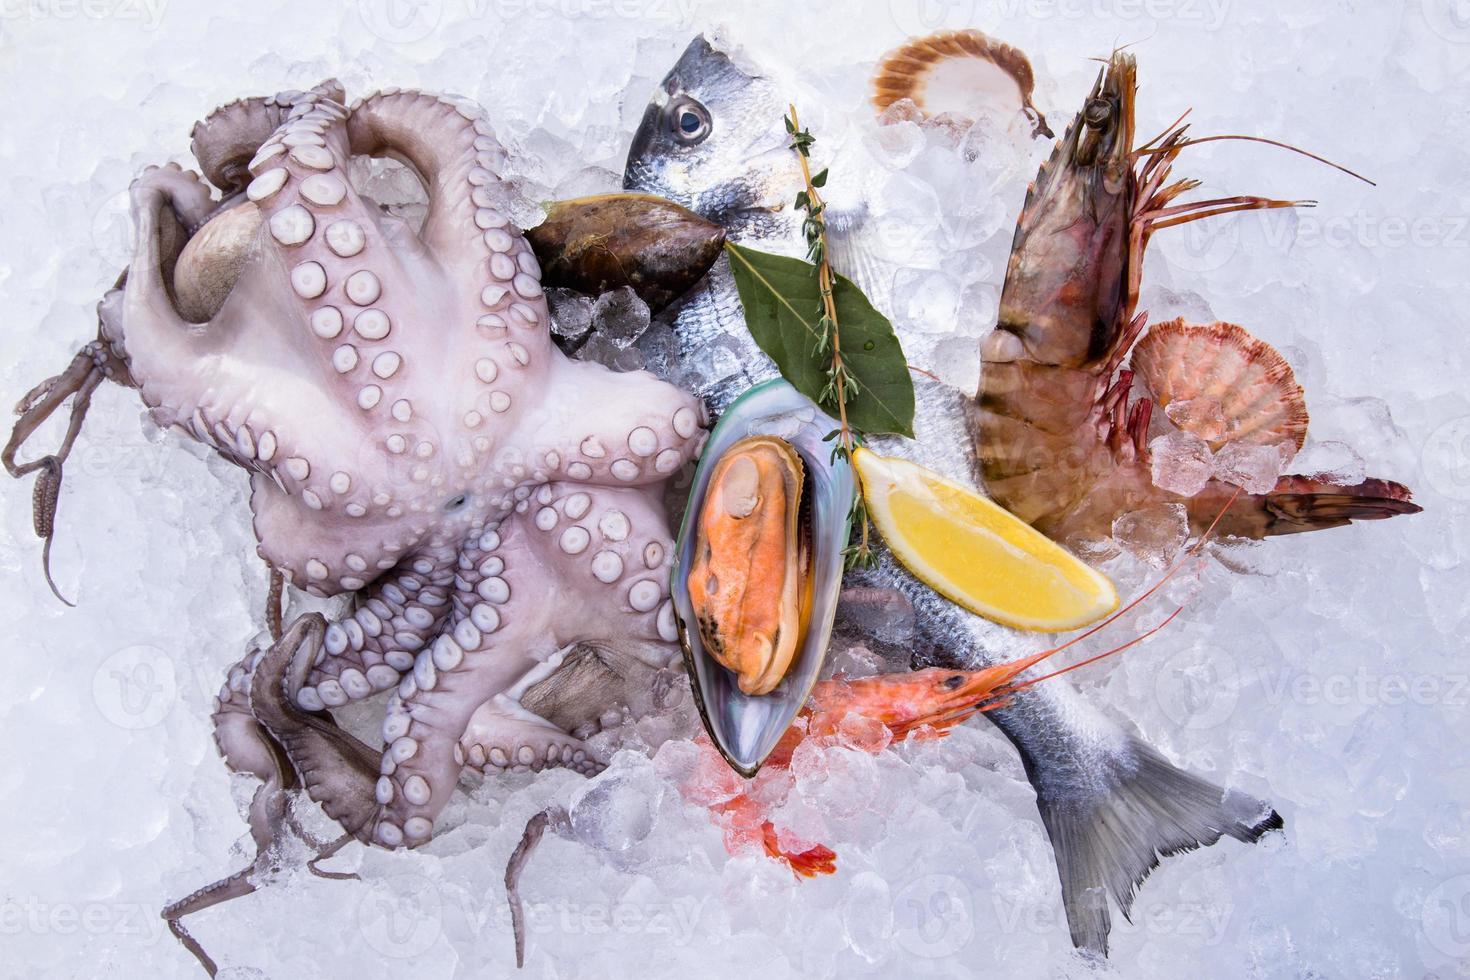 frutos do mar frescos no gelo foto